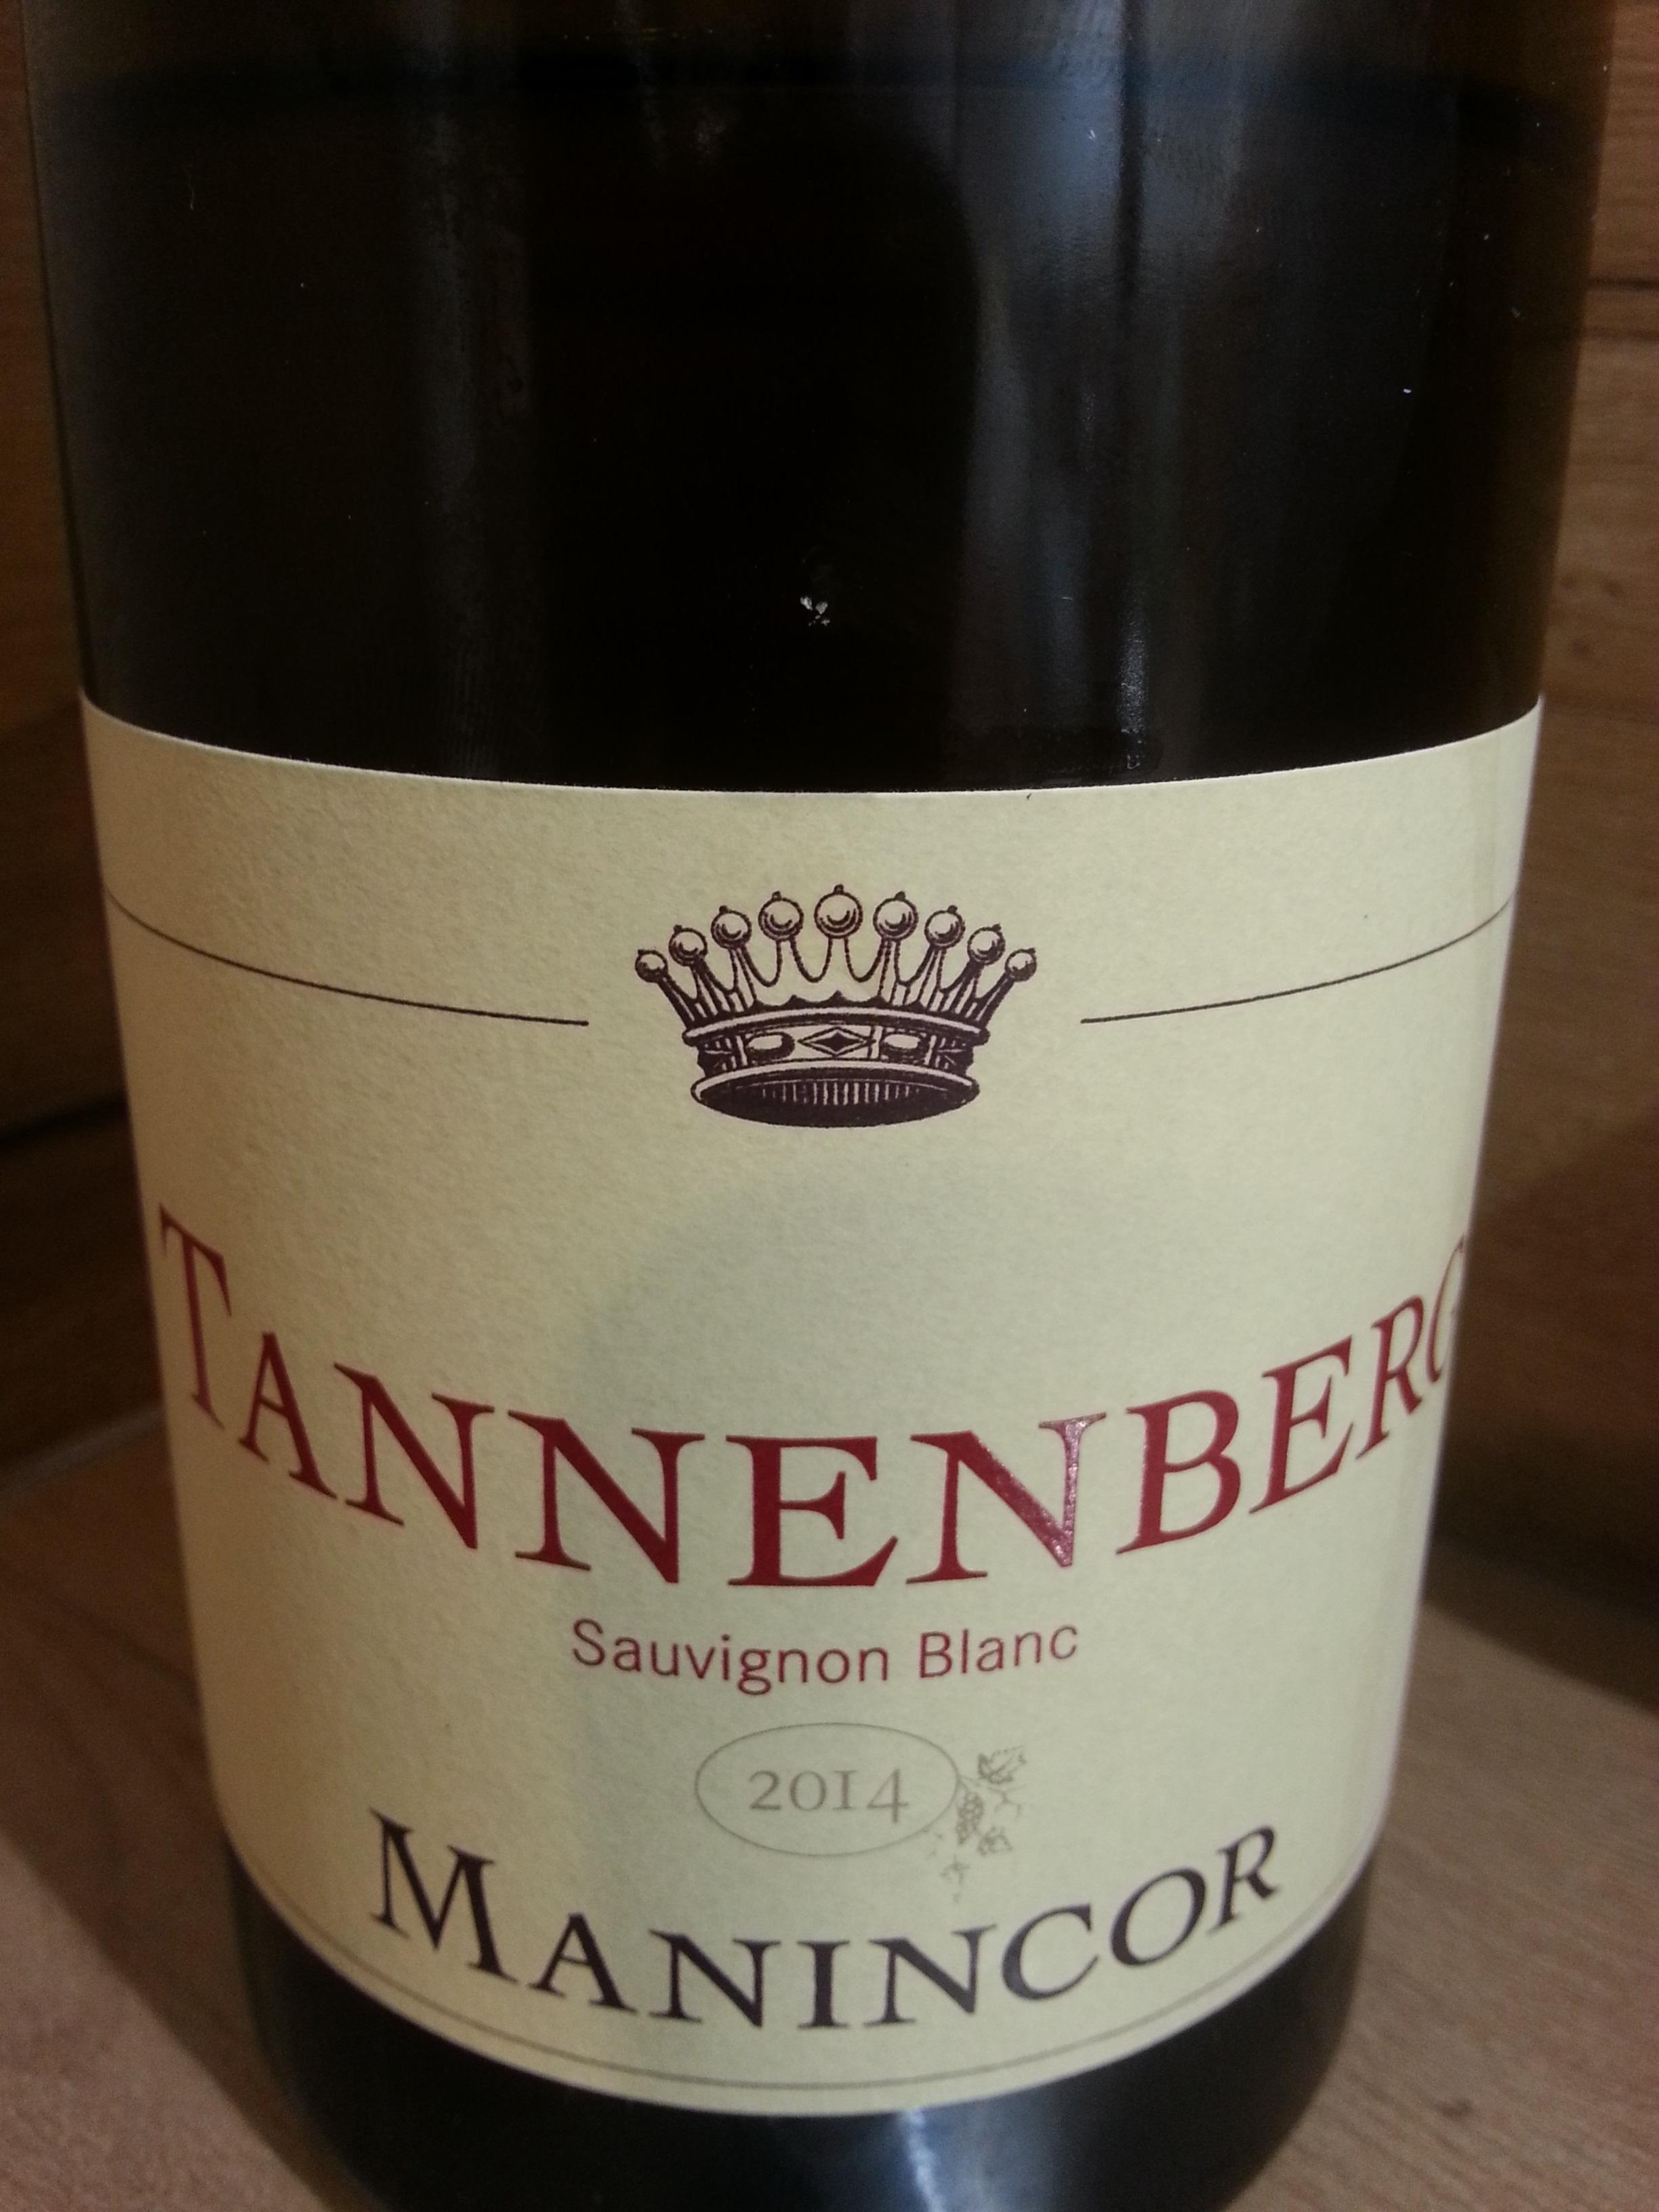 2014 Sauvignon Blanc Tannenberg | Manincor